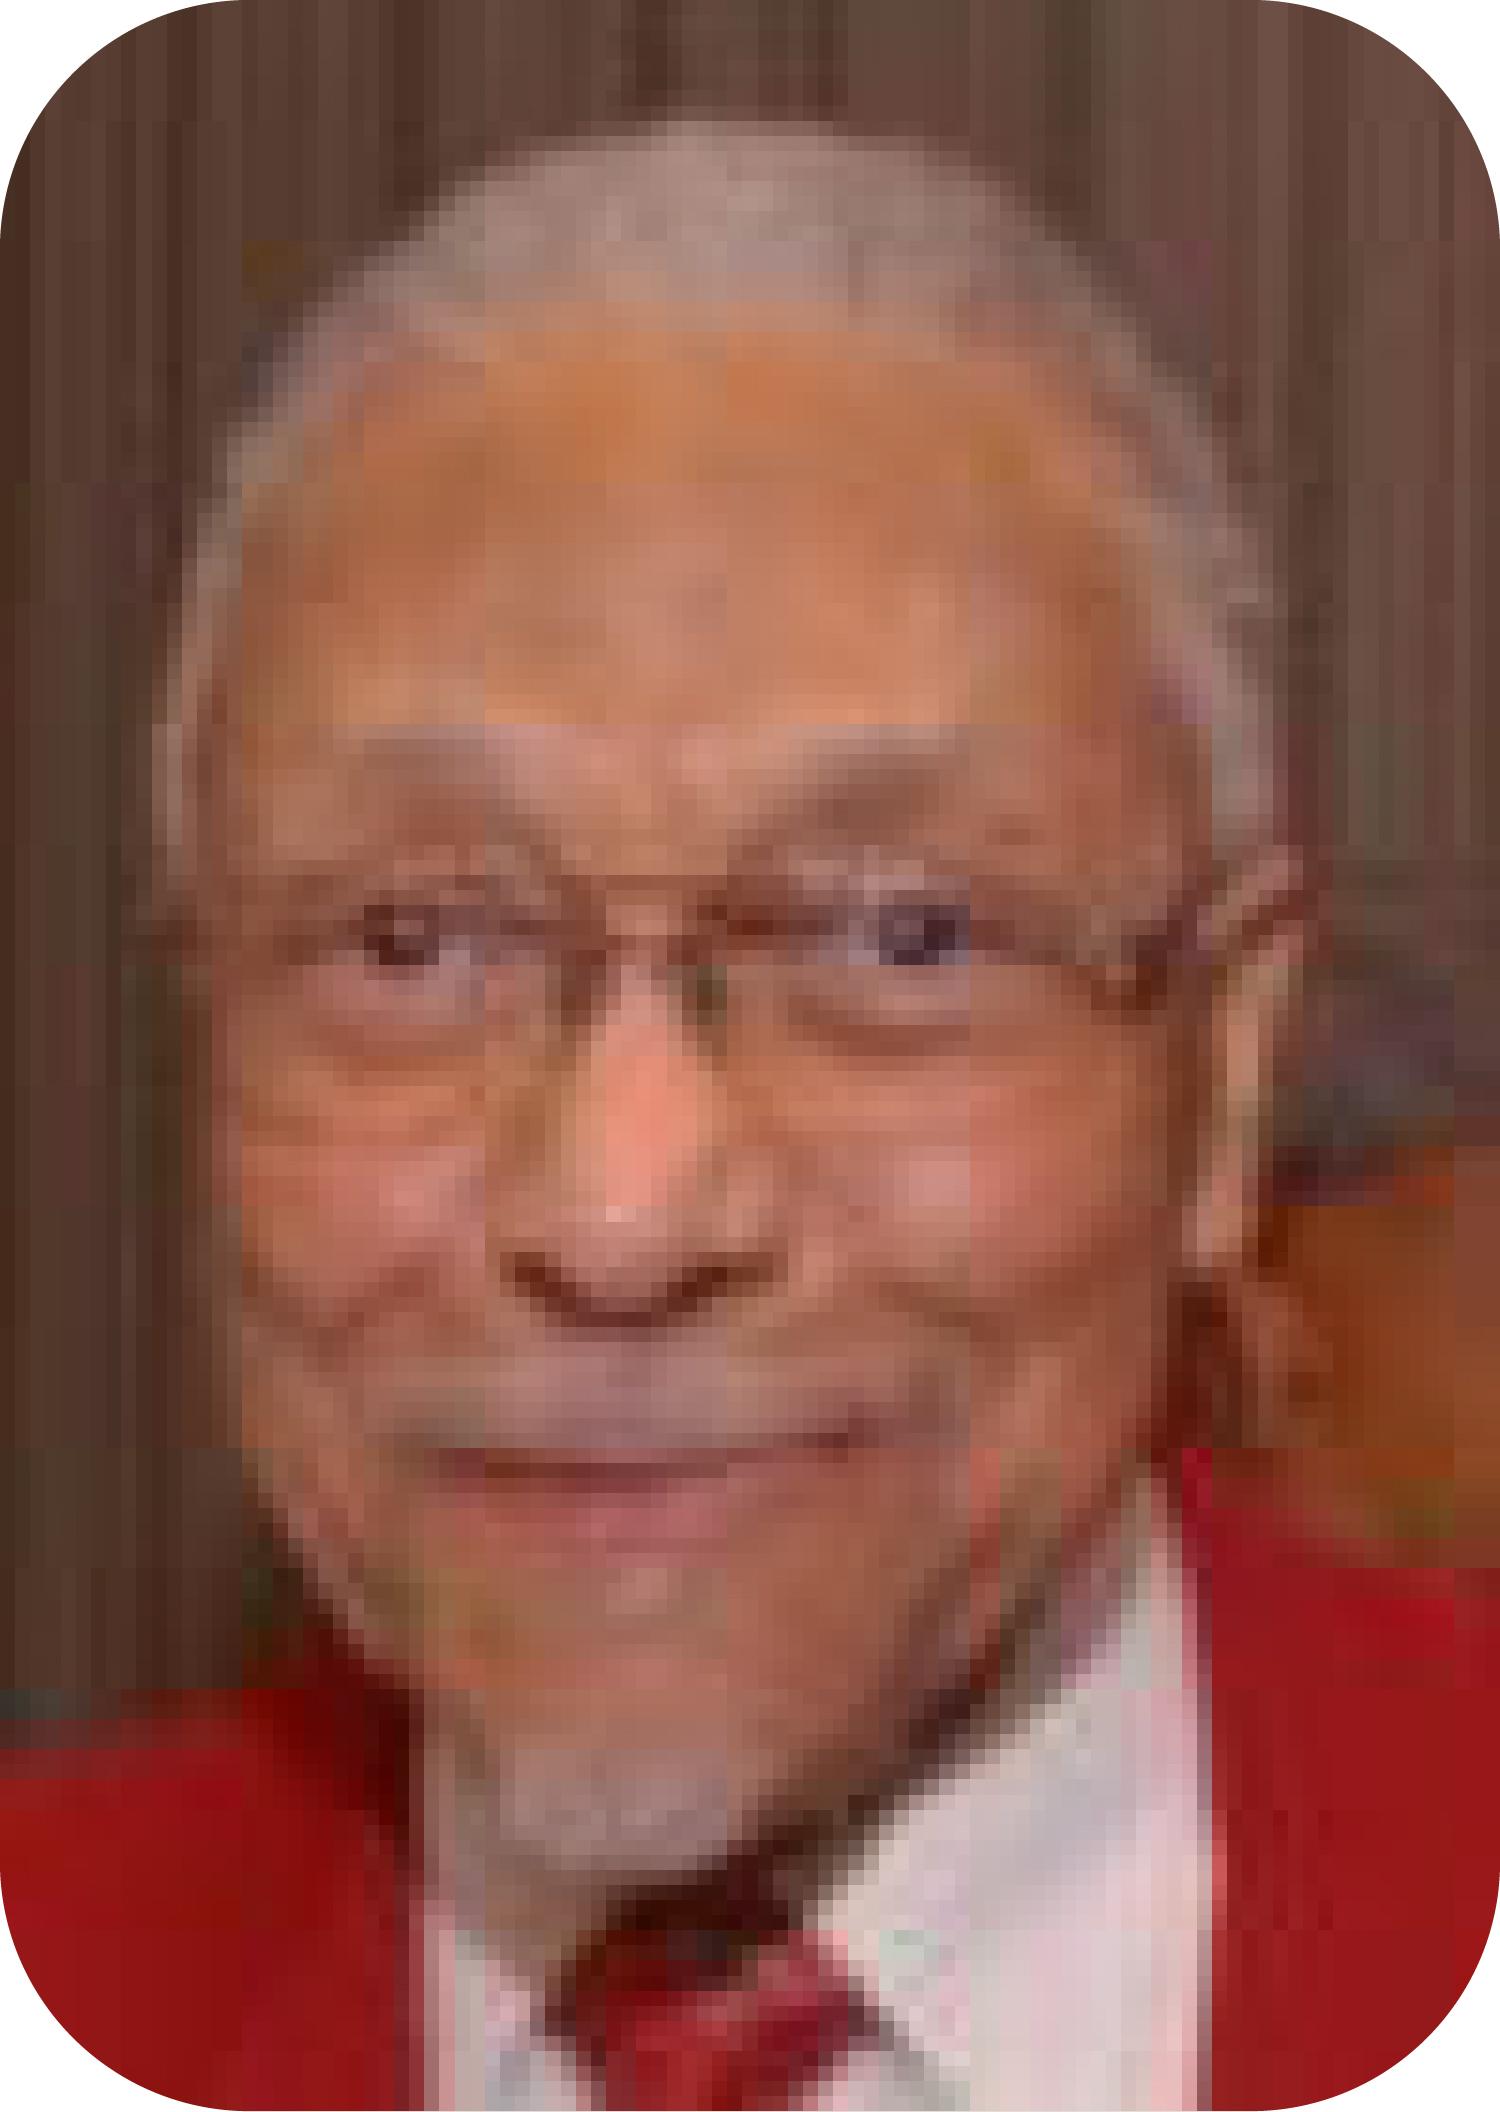 Samuel Floyd